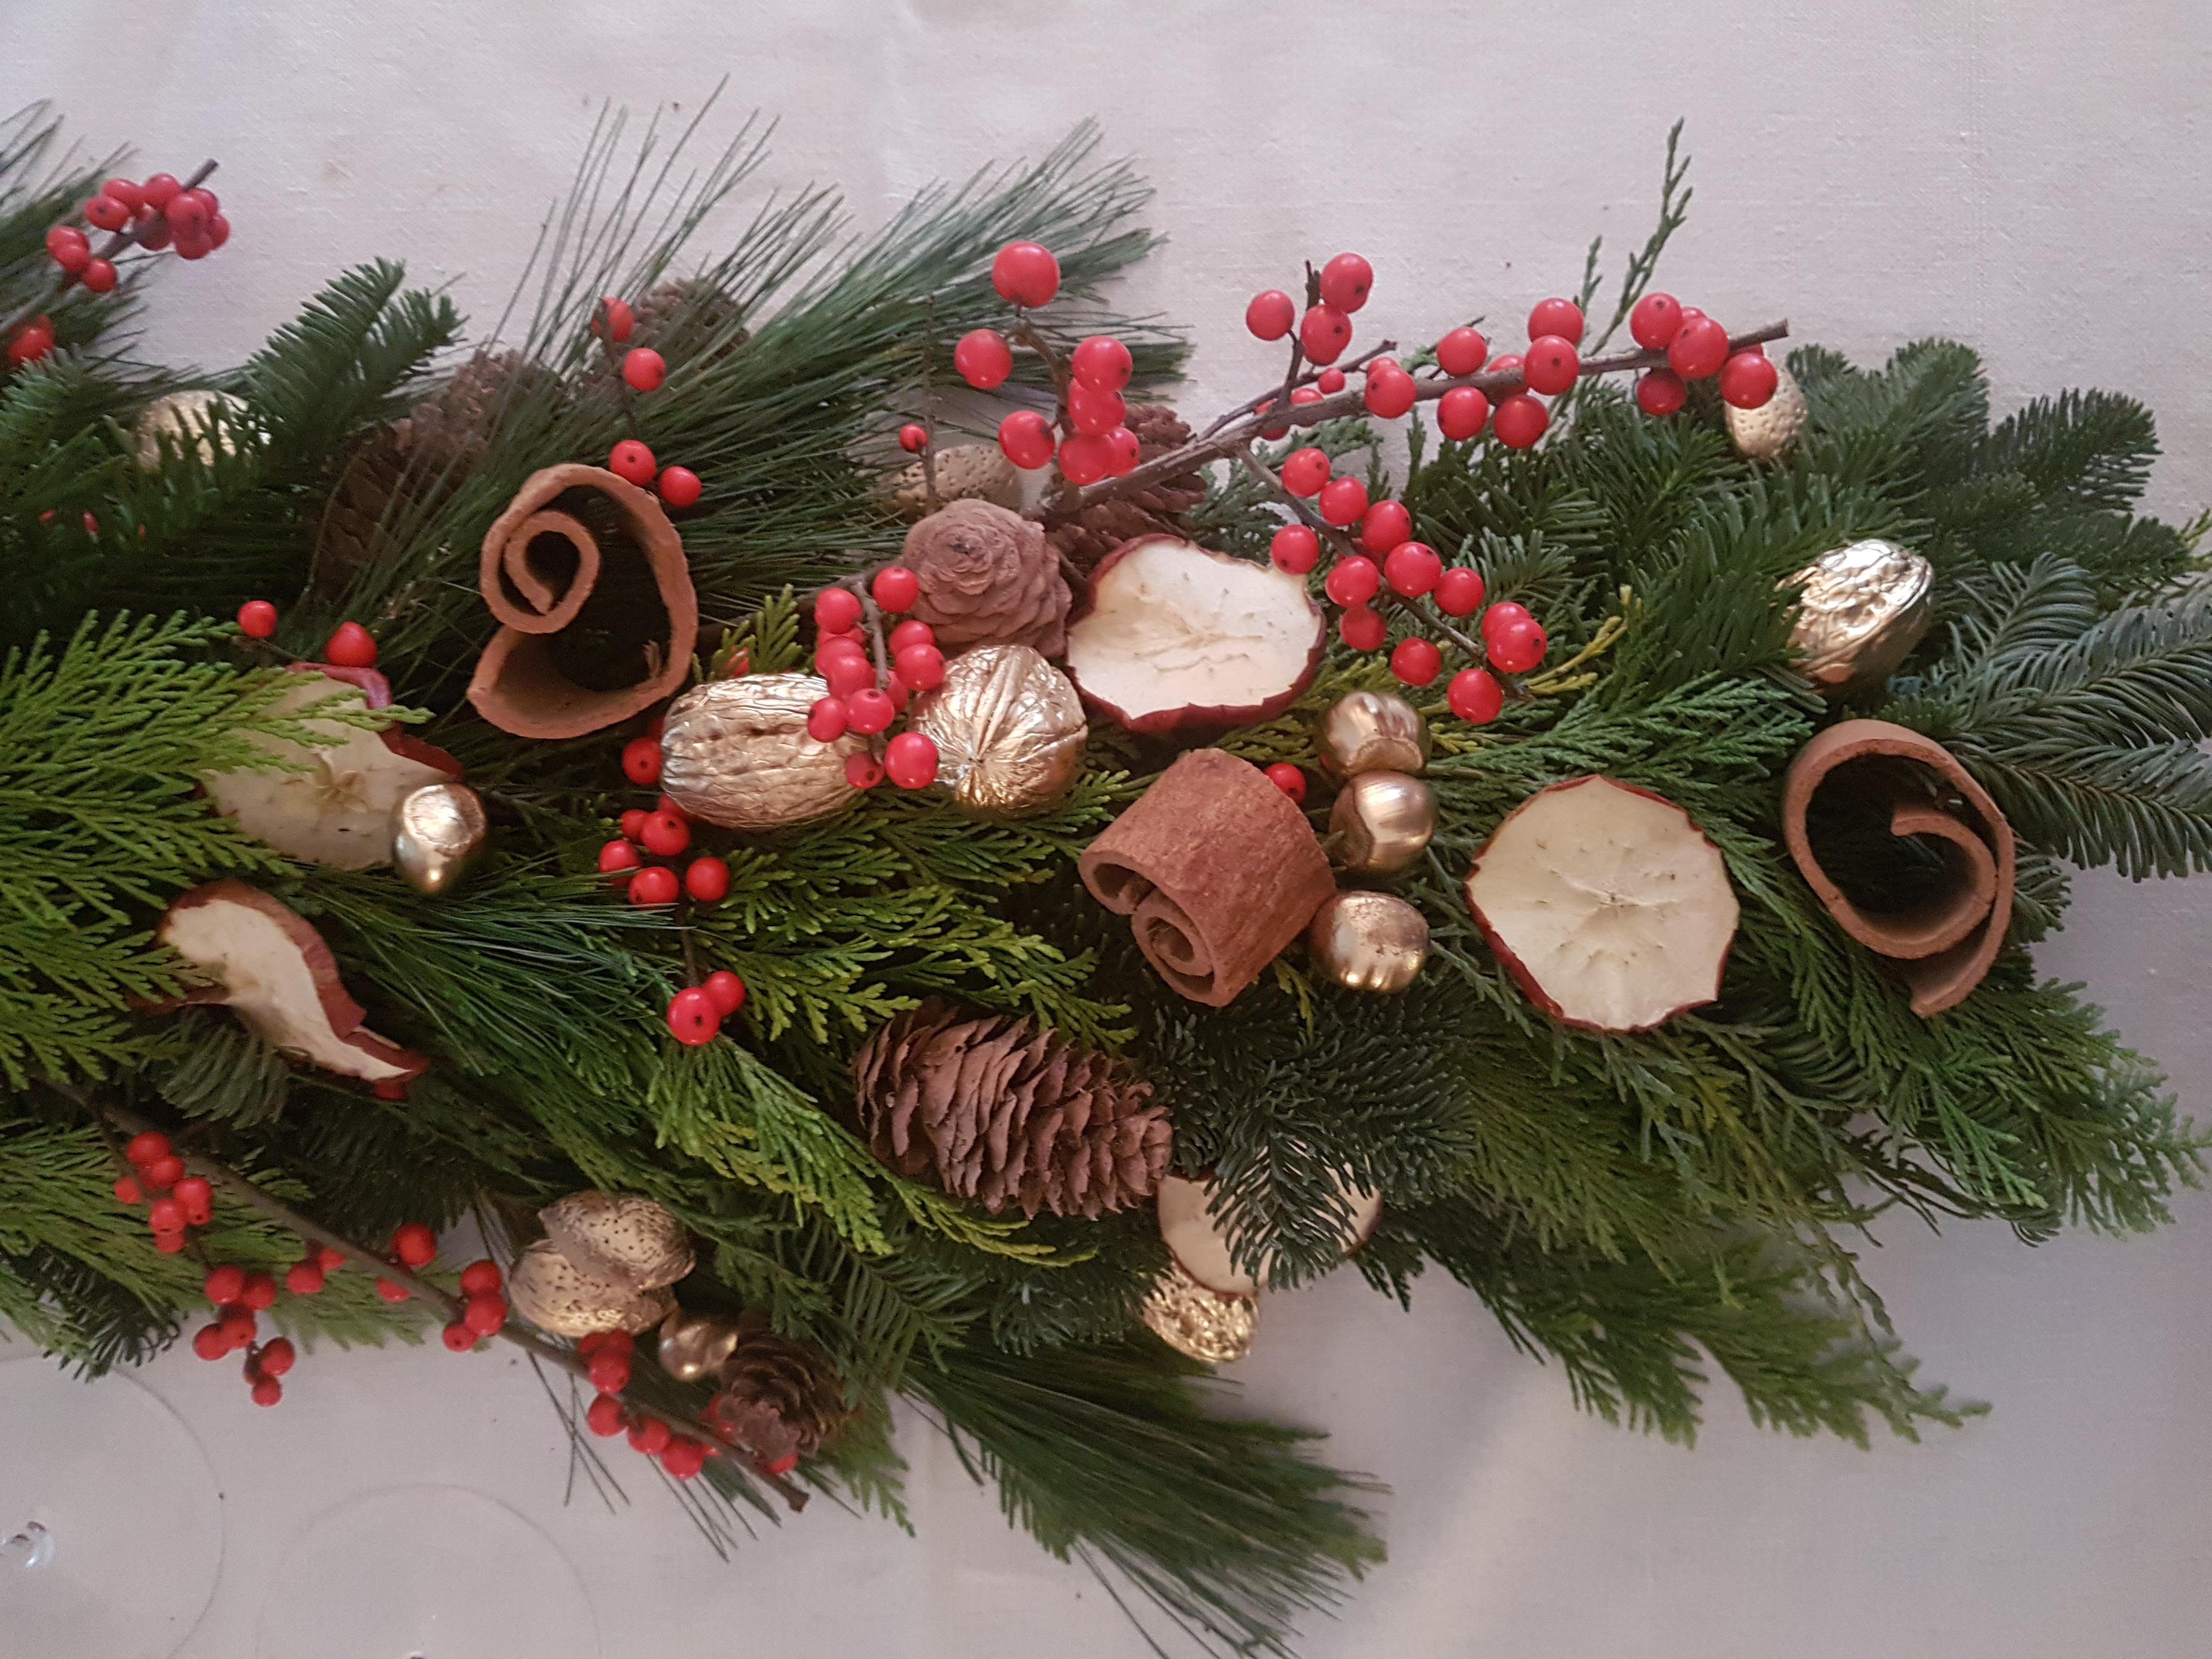 Centro tavola natalizio 34 verdi e contenti - Centro tavola natalizio con pigne ...